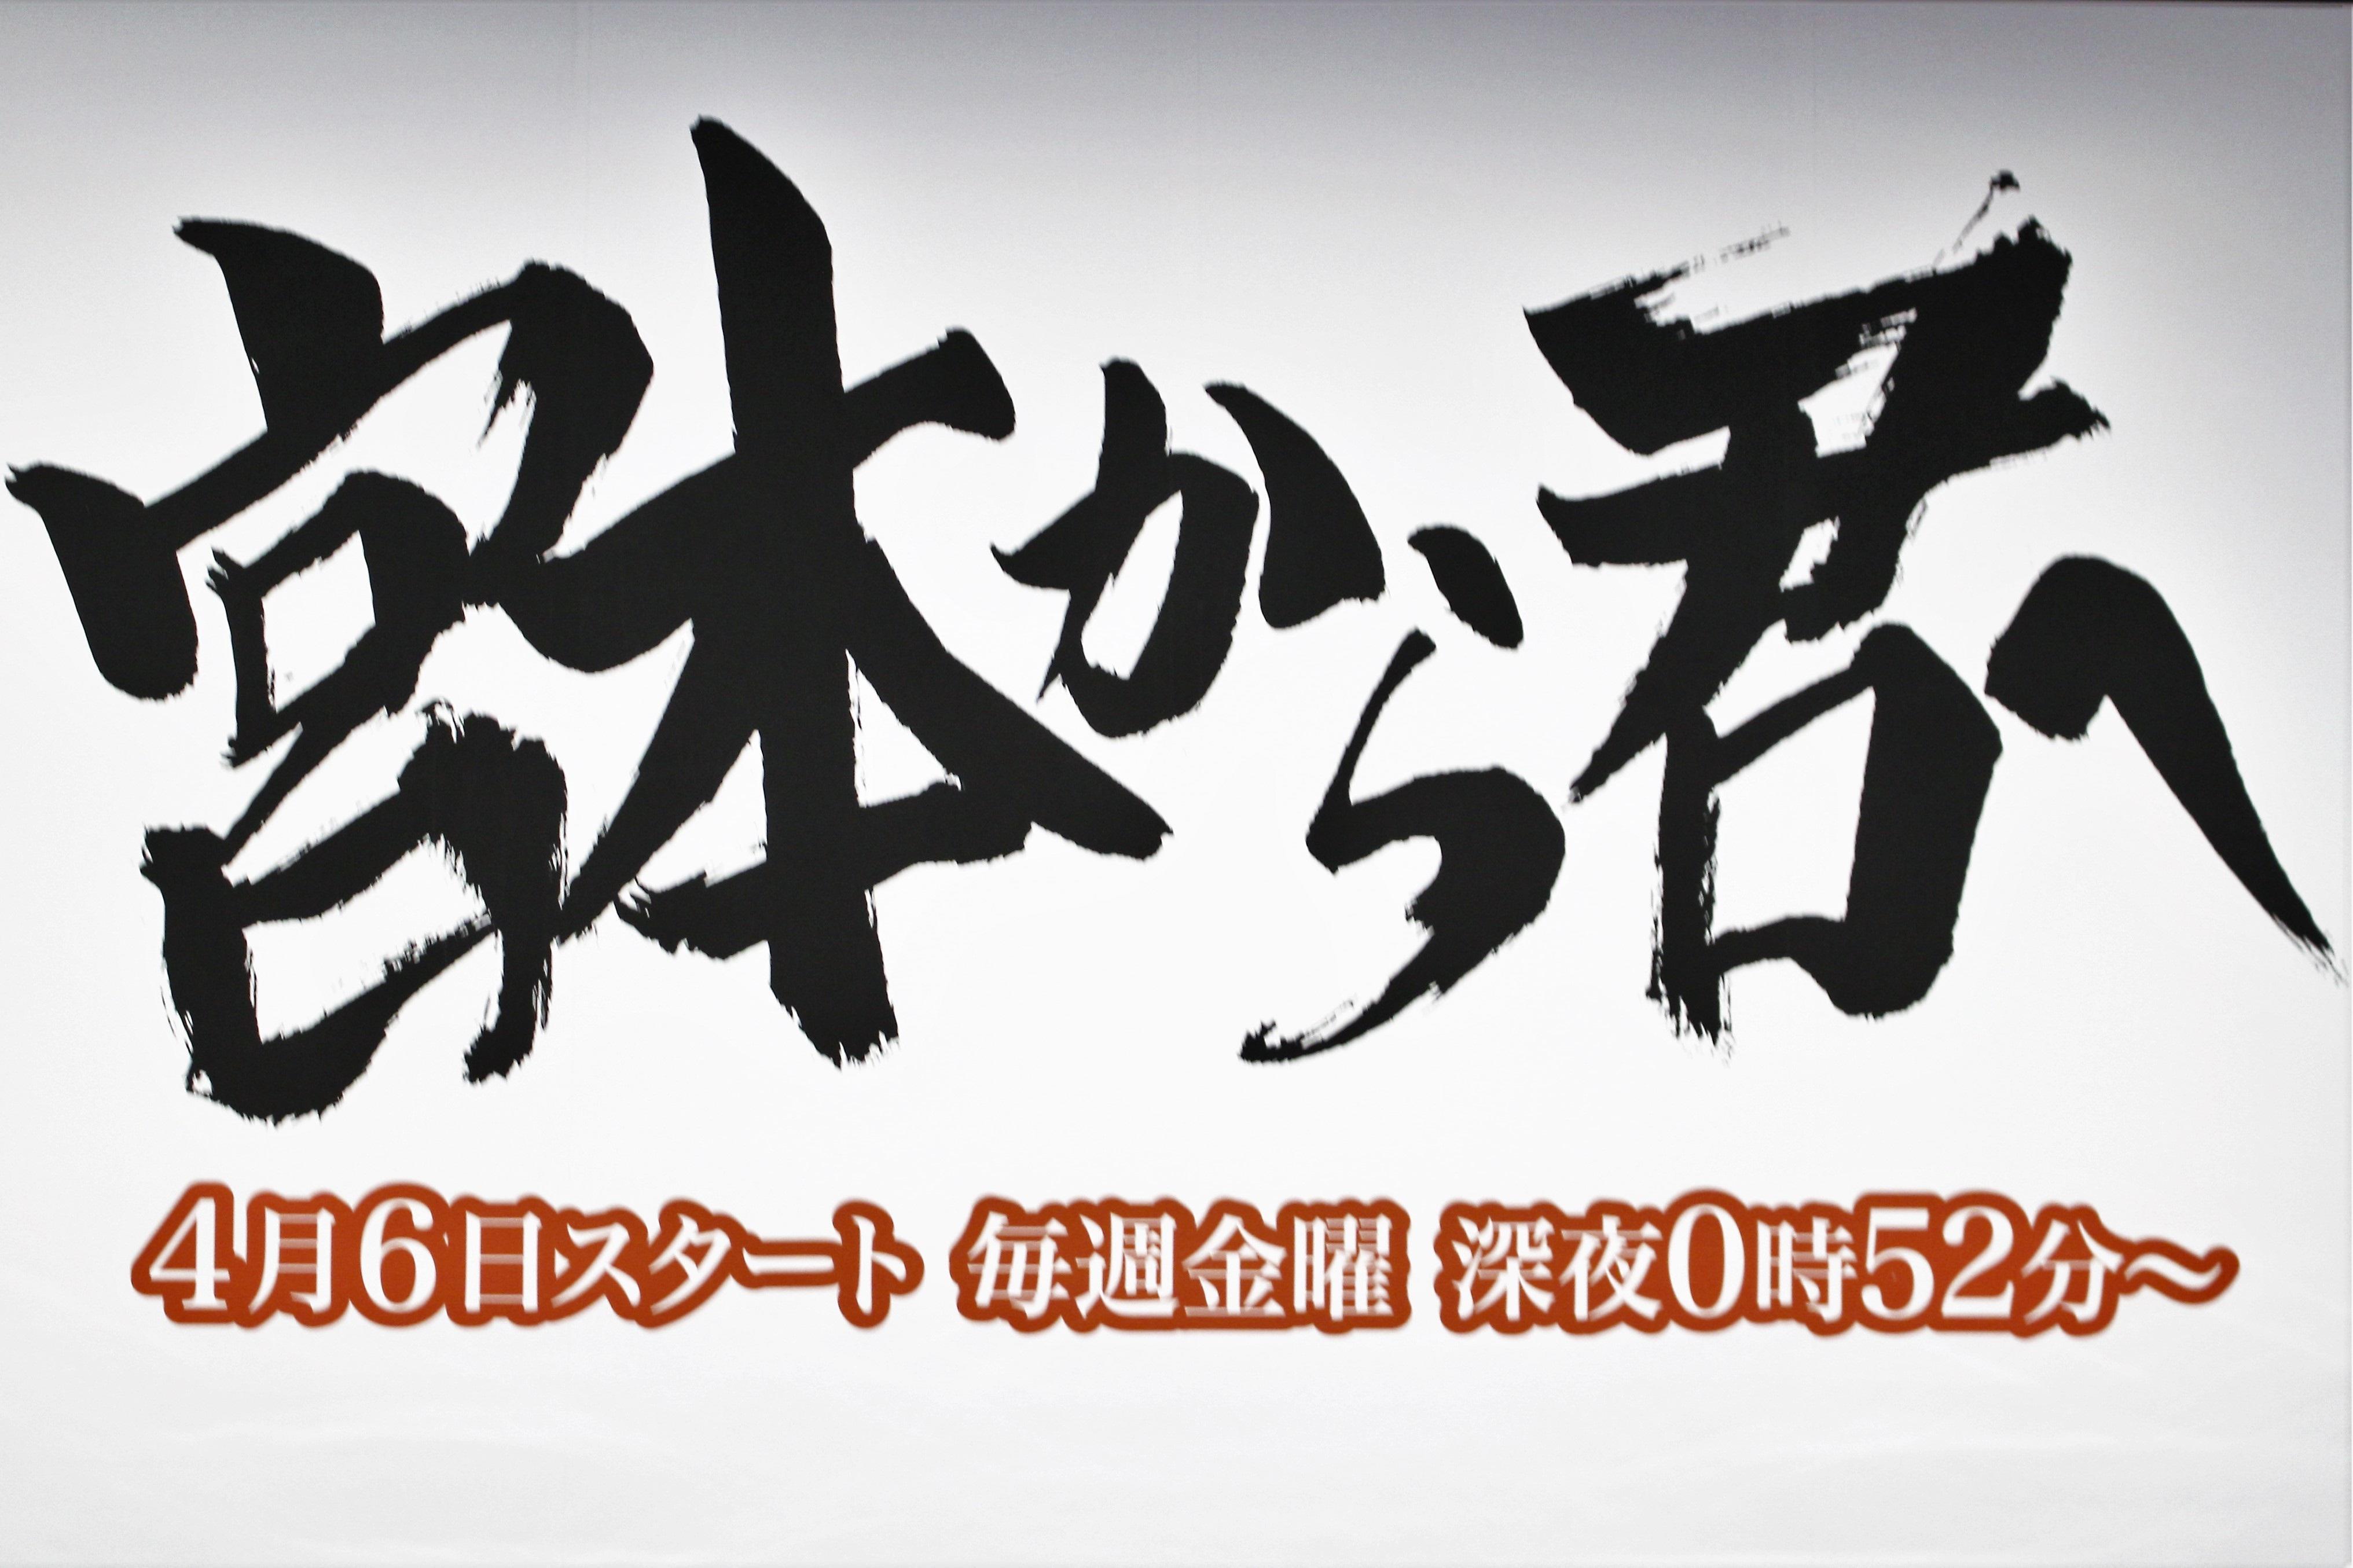 20180401_miyamotokaiken_02.jpg